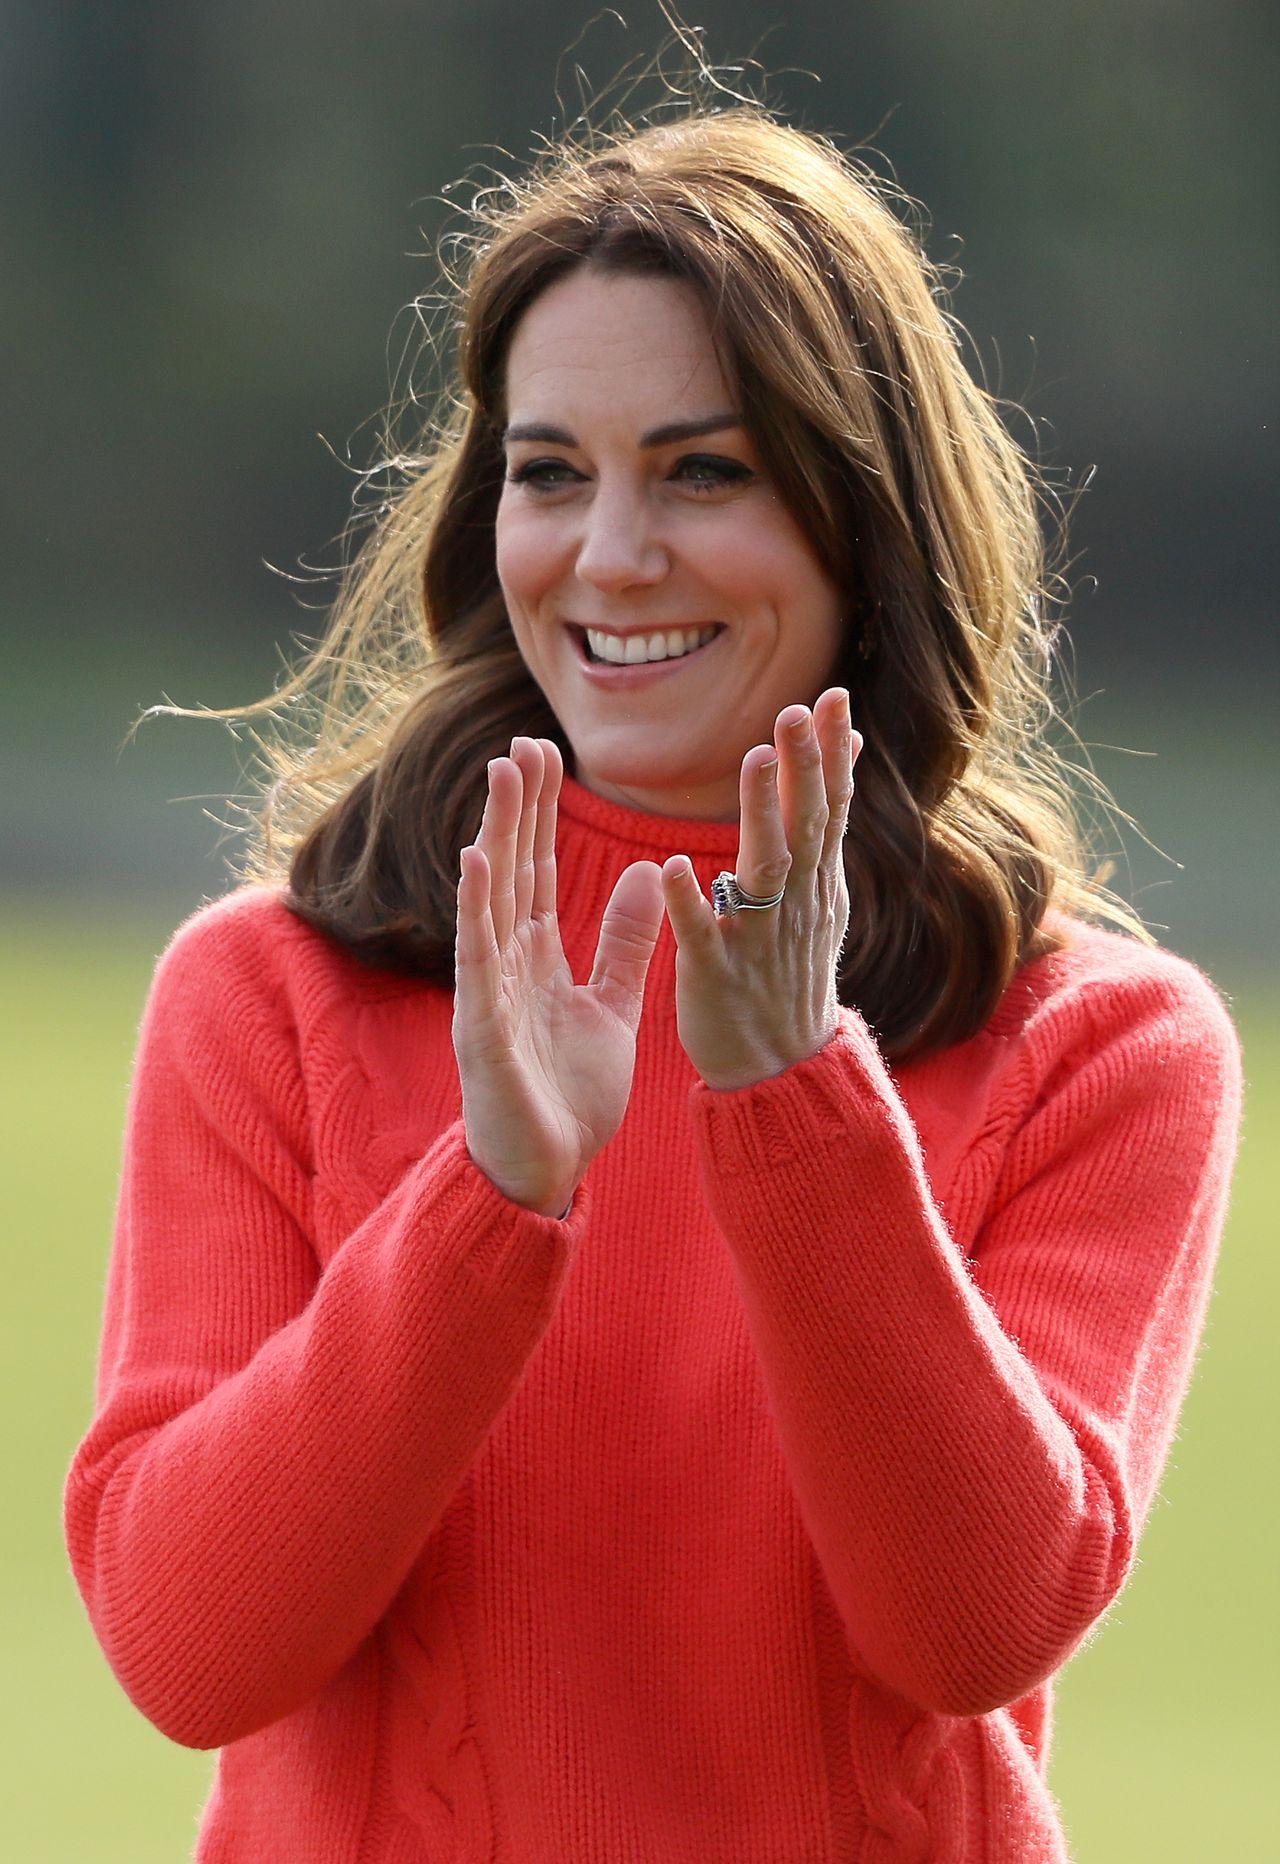 Księżna Kate w czerwonym swetrze